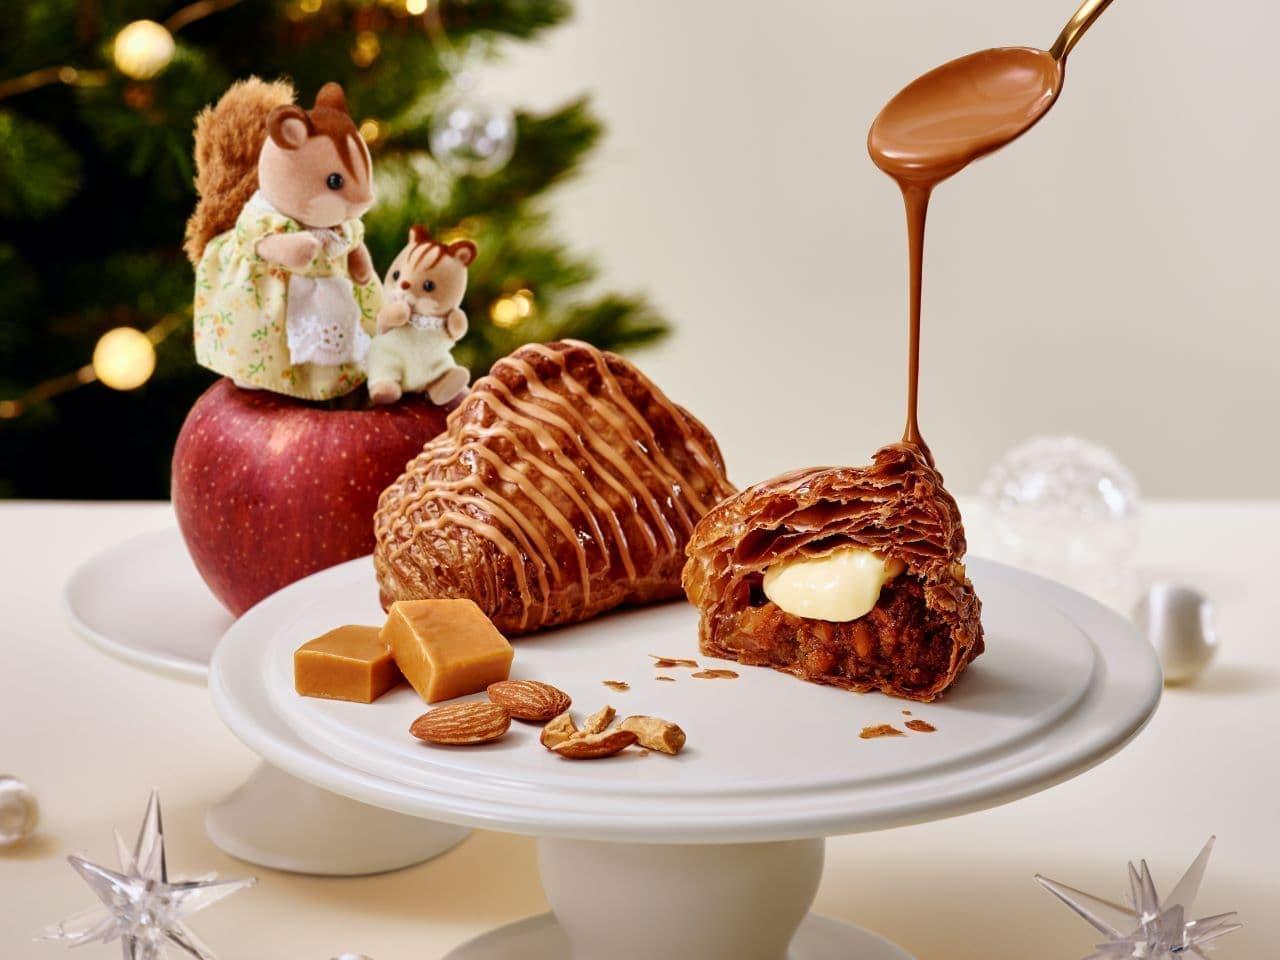 RINGOのくるみリスのラルフくんおすすめ「焼きたてカスタードキャラメルナッツアップルパイ」